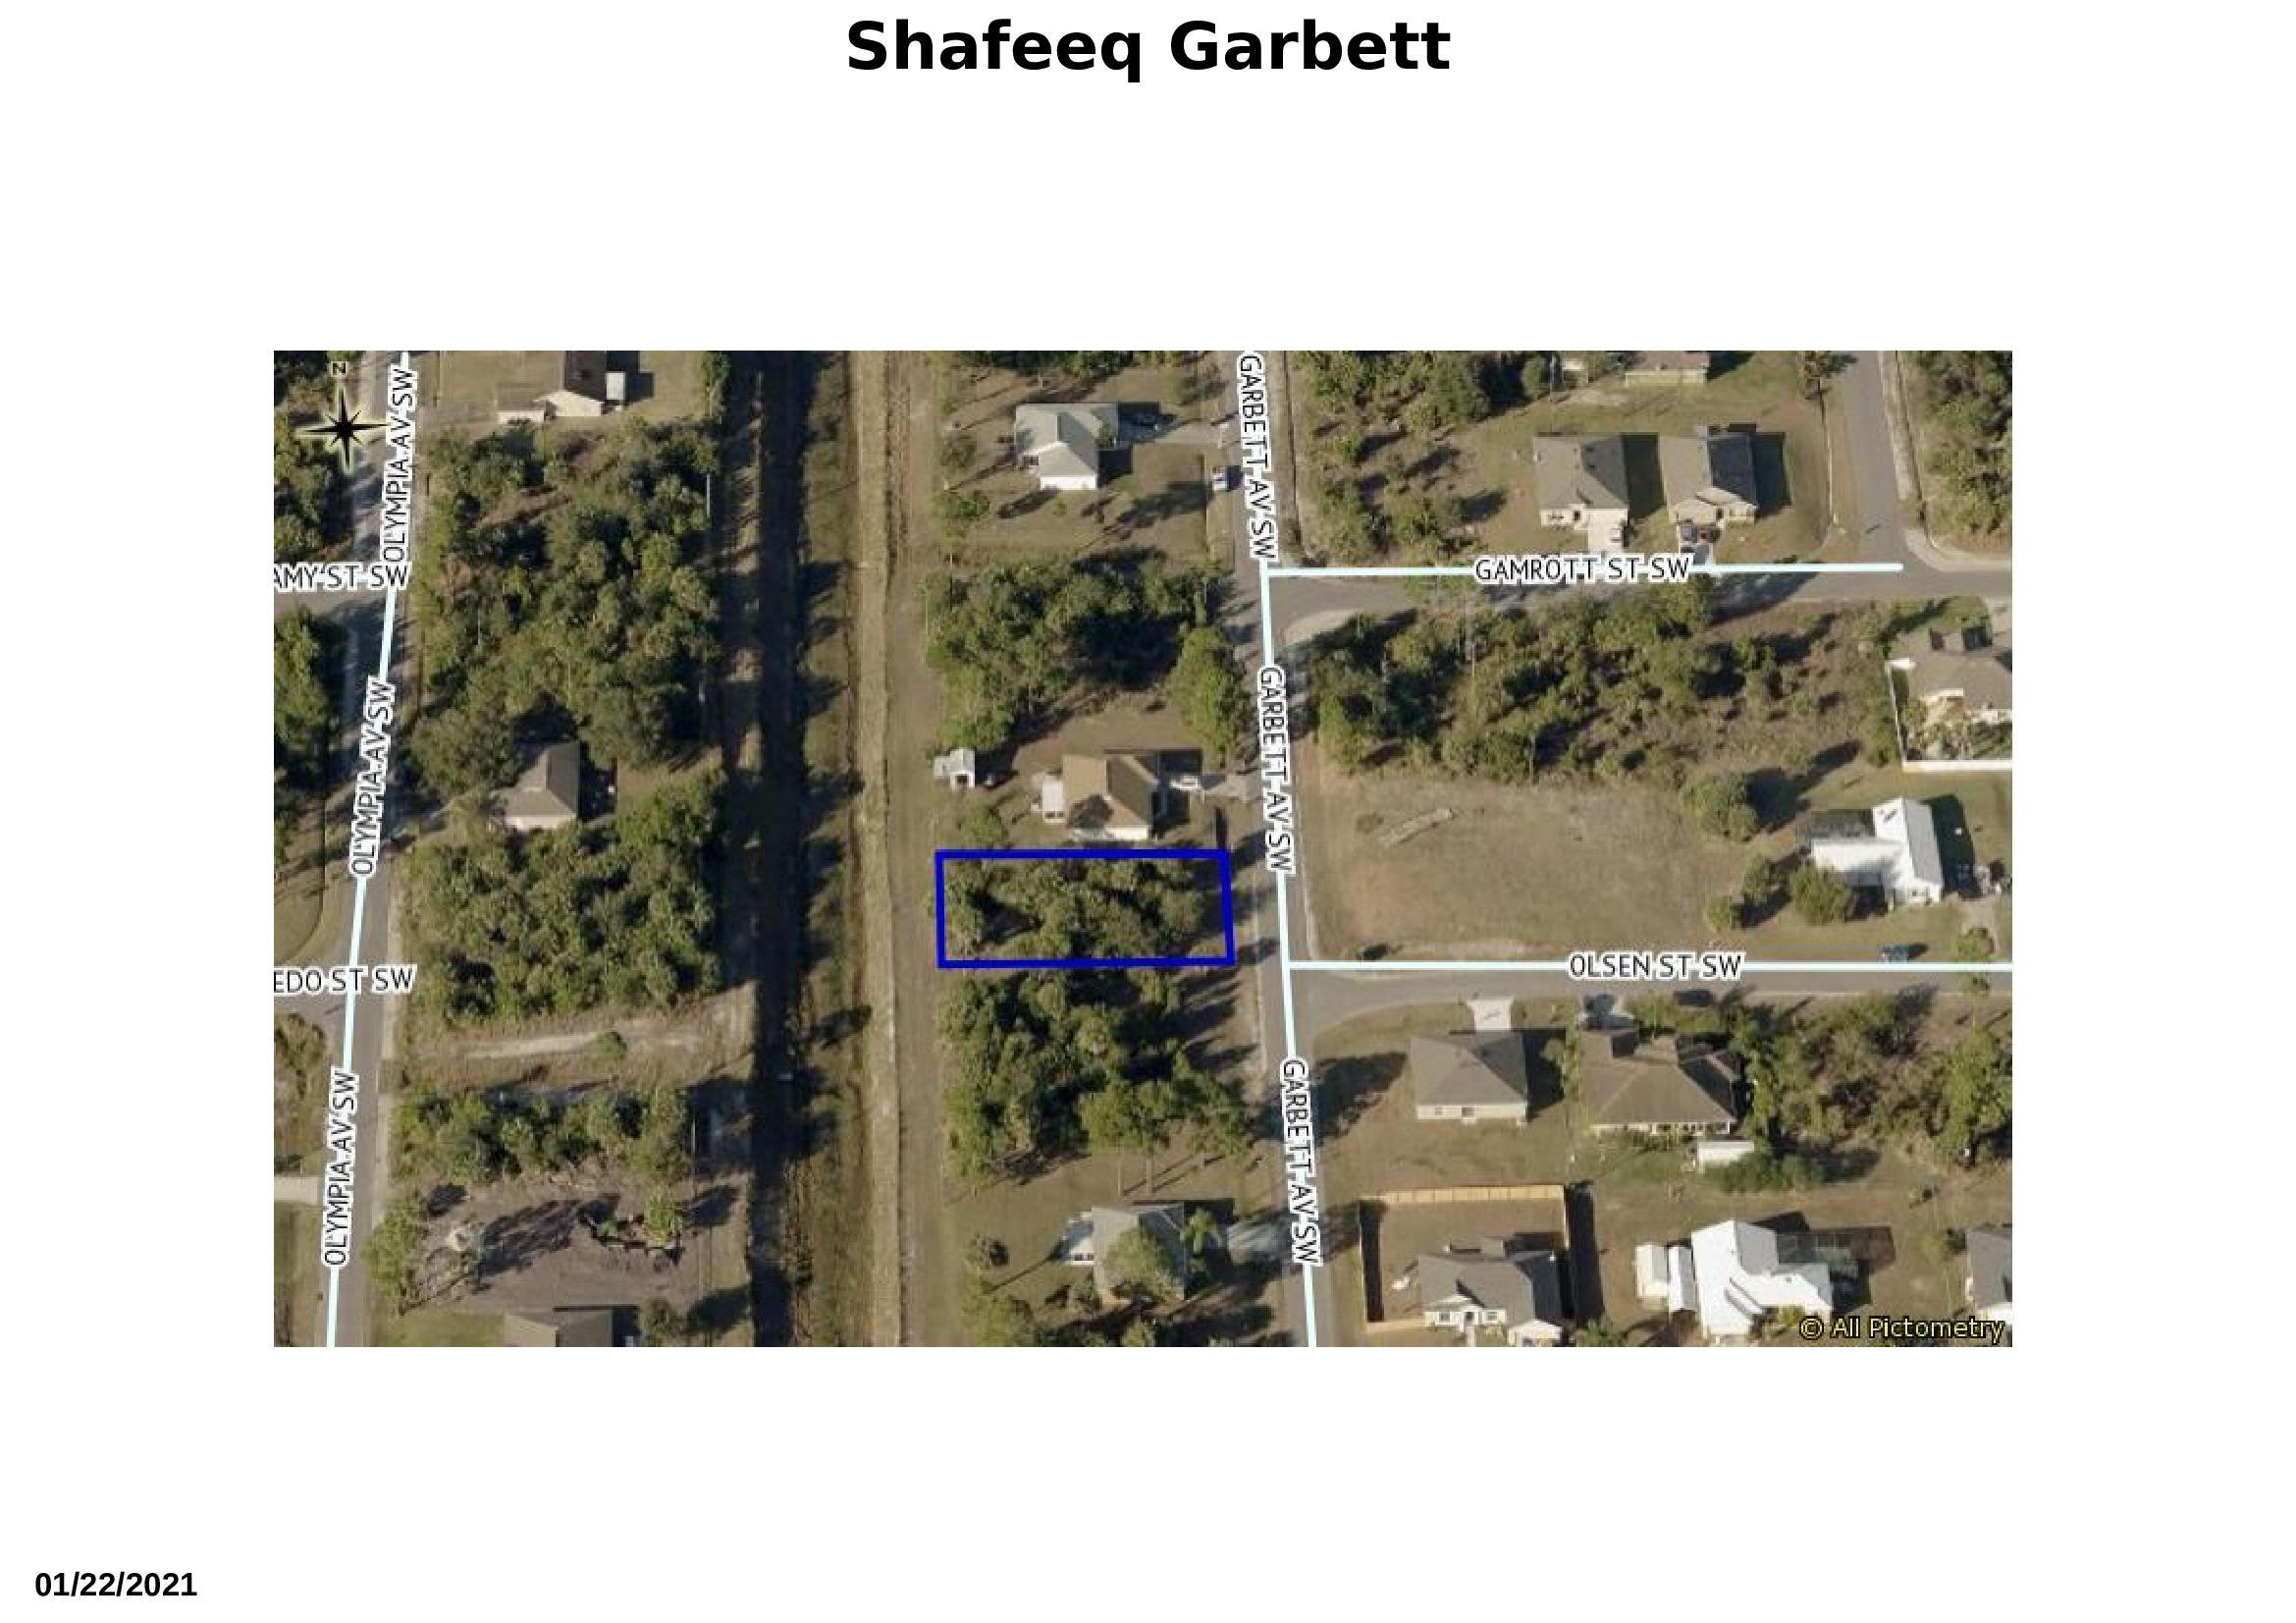 Shafeeq-Garbett (1)